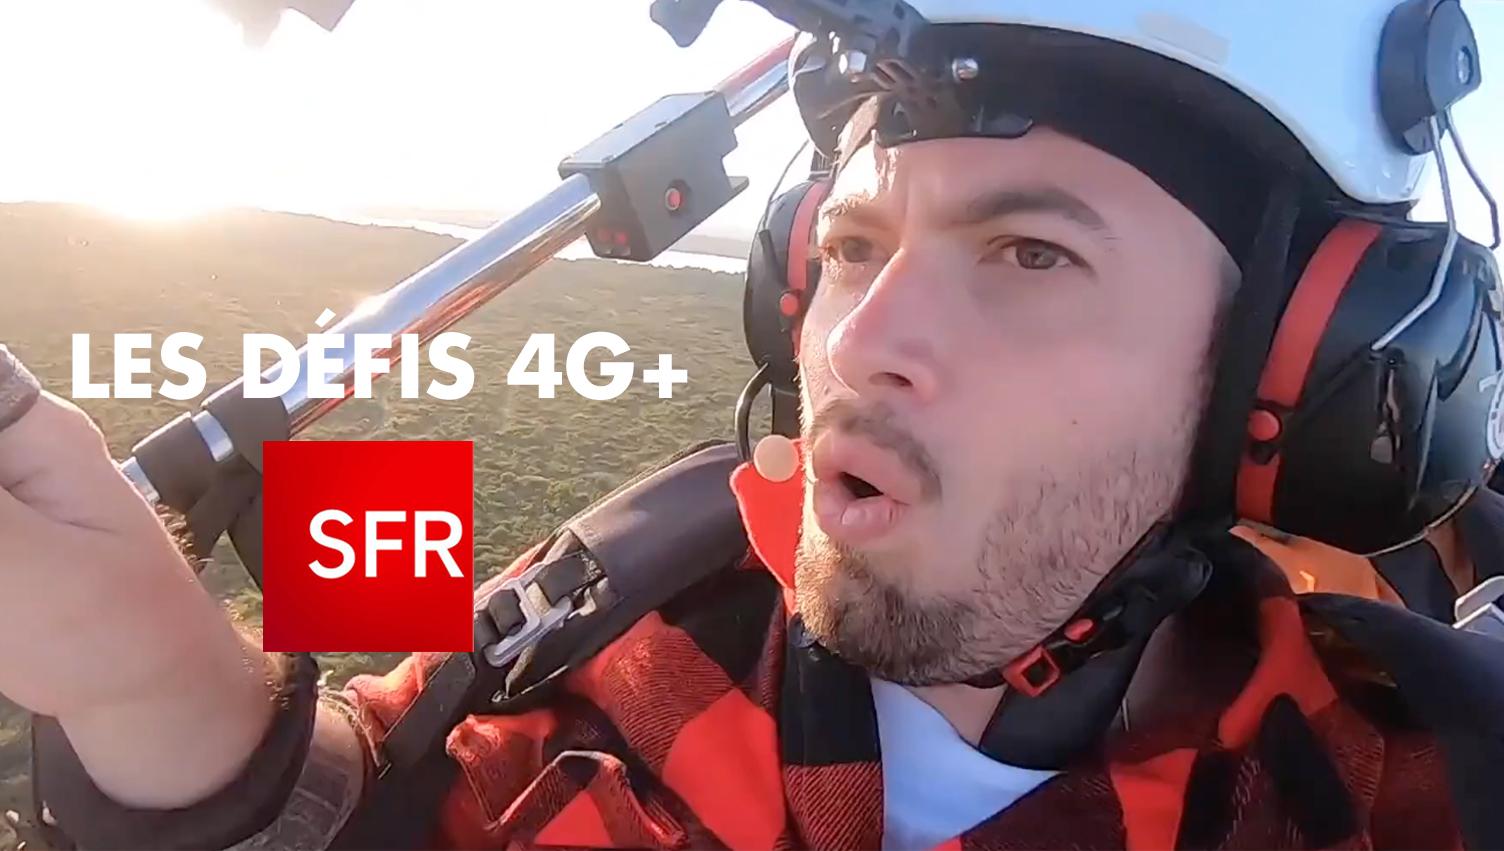 Les Défis 4G+ SFR